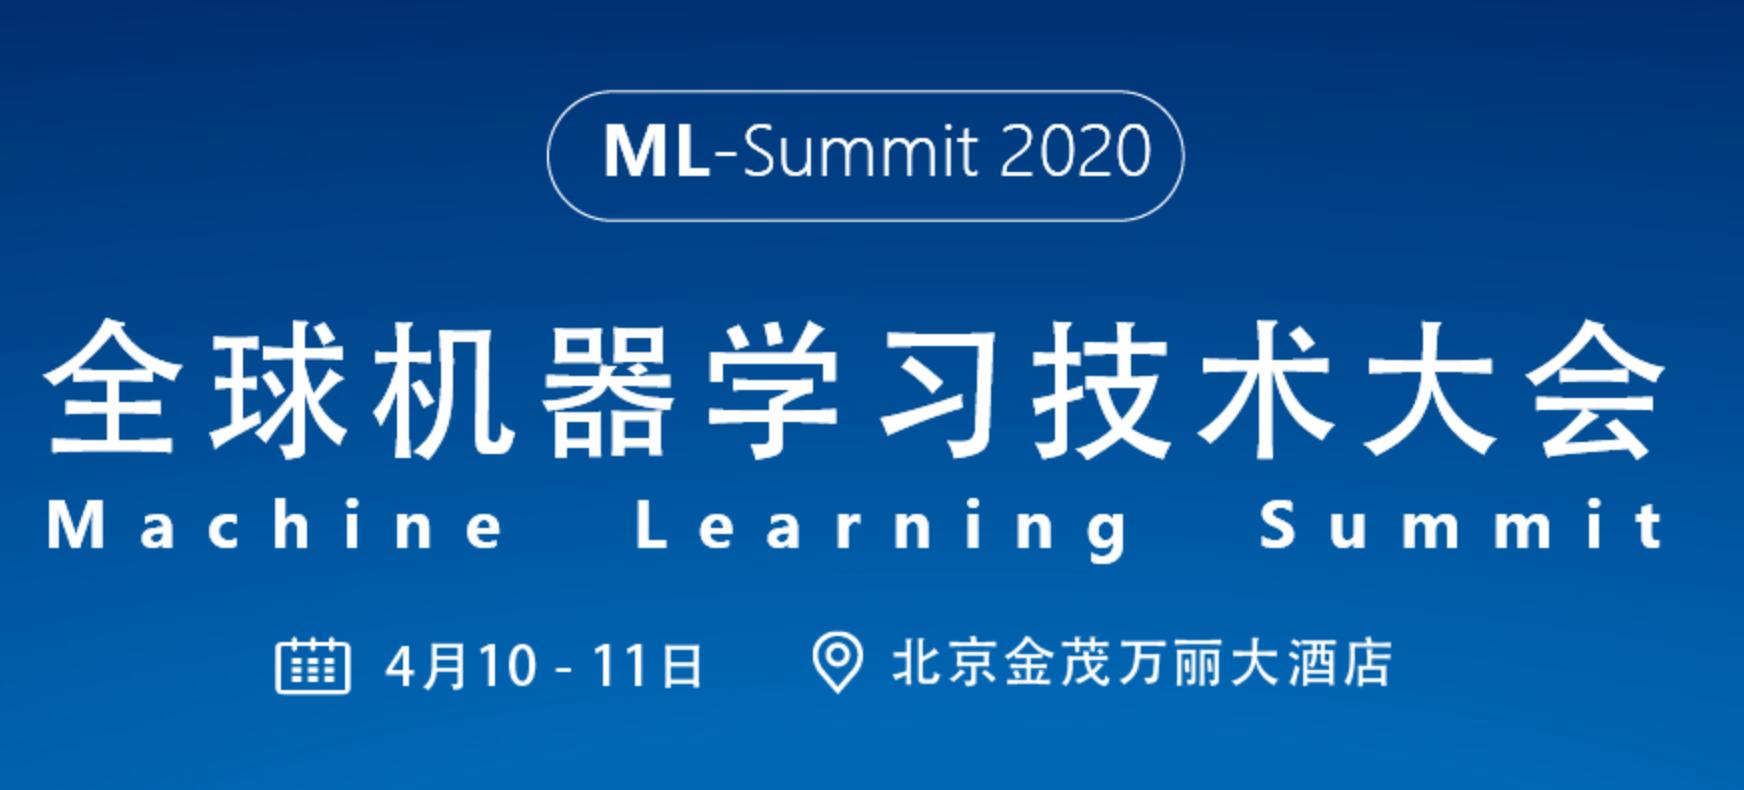 2020全球机器学习技术大会,官方网站报名开始